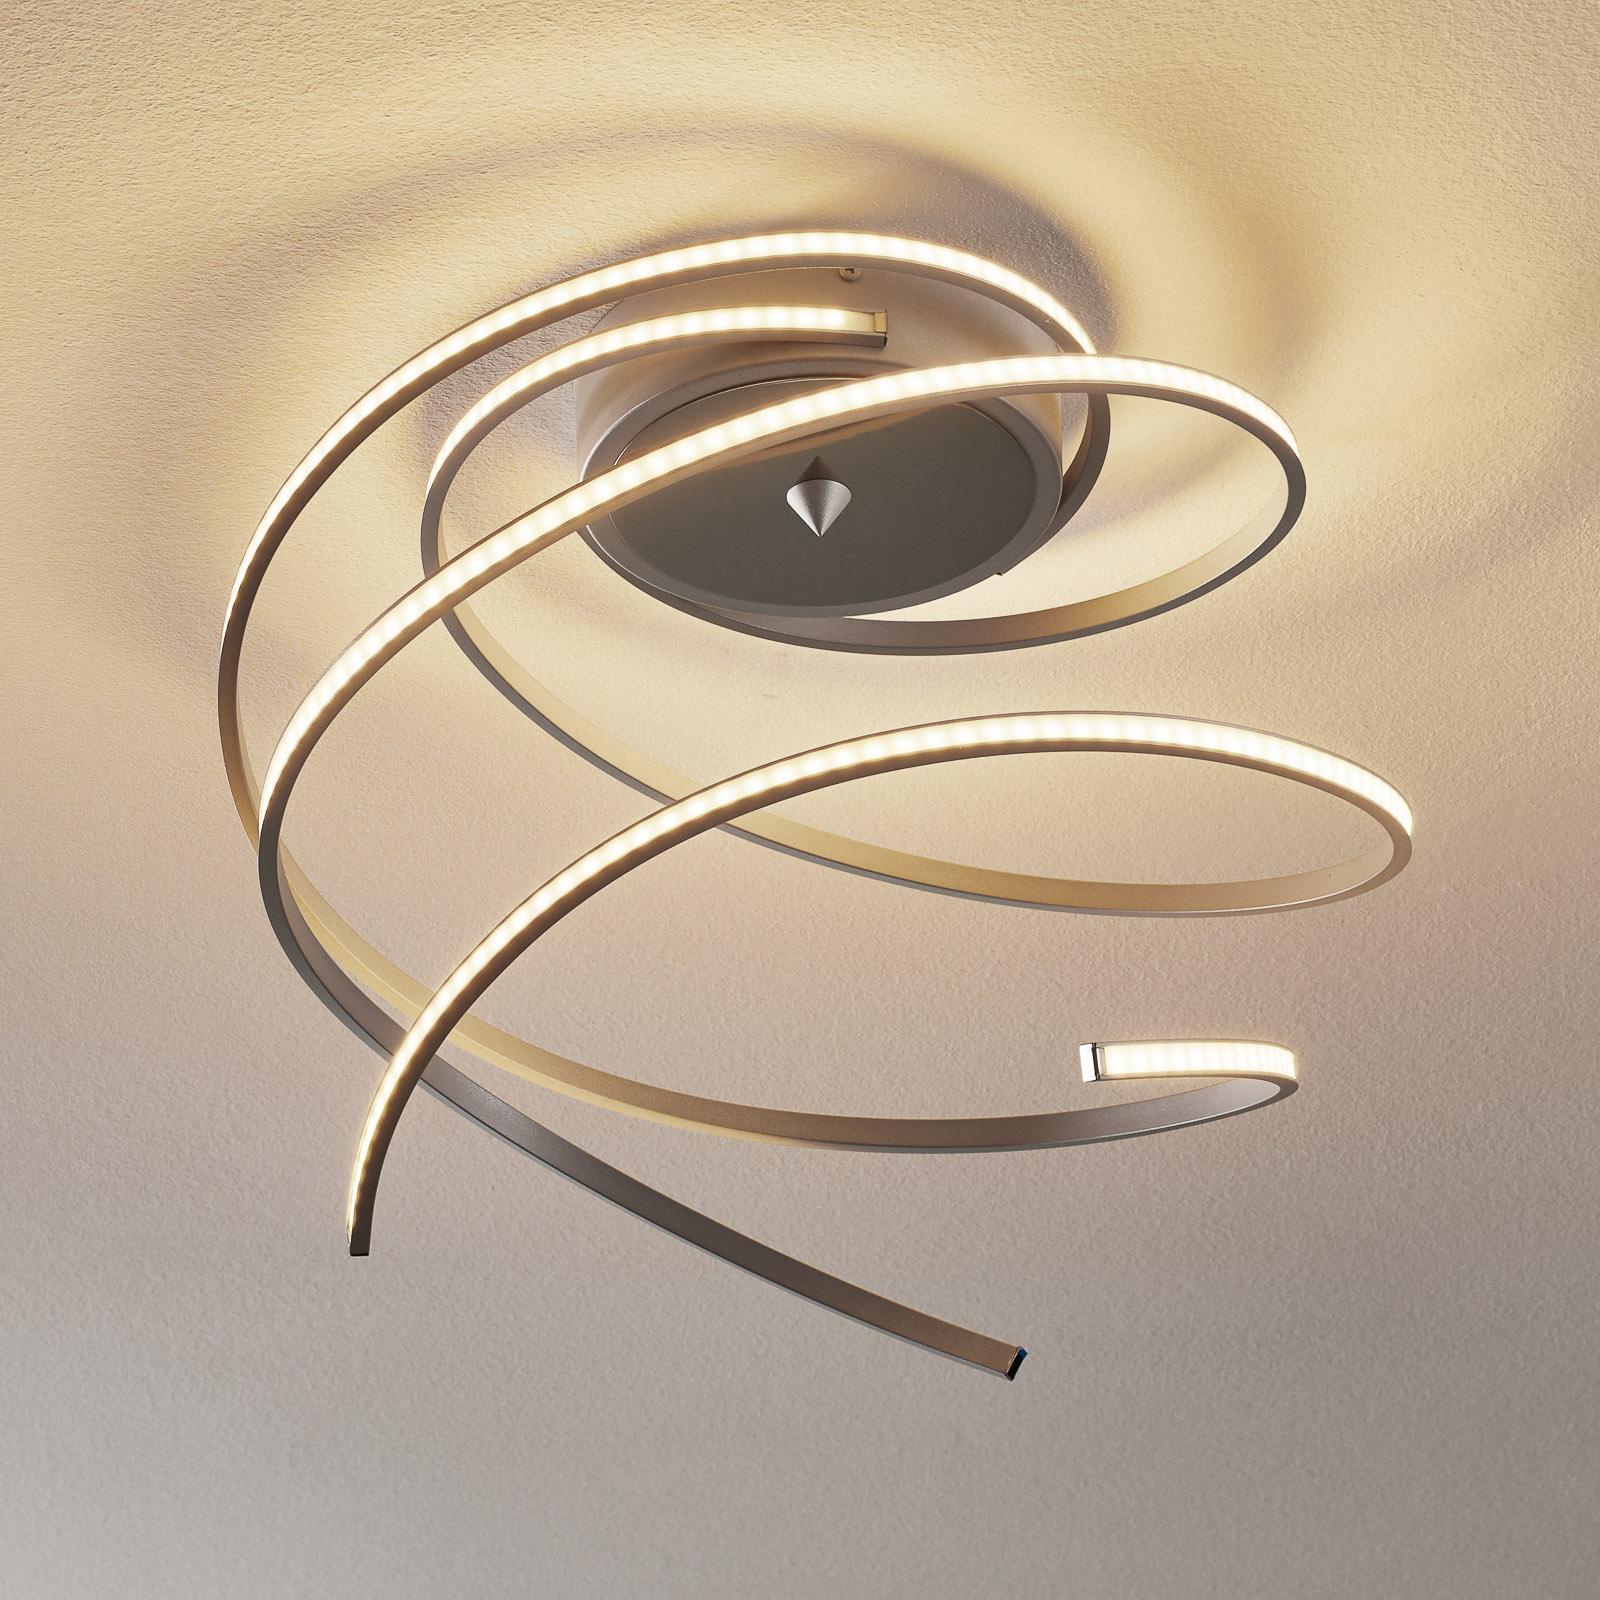 LED-kattovalaisin Lungo 3-vartinen, kaukosäädin